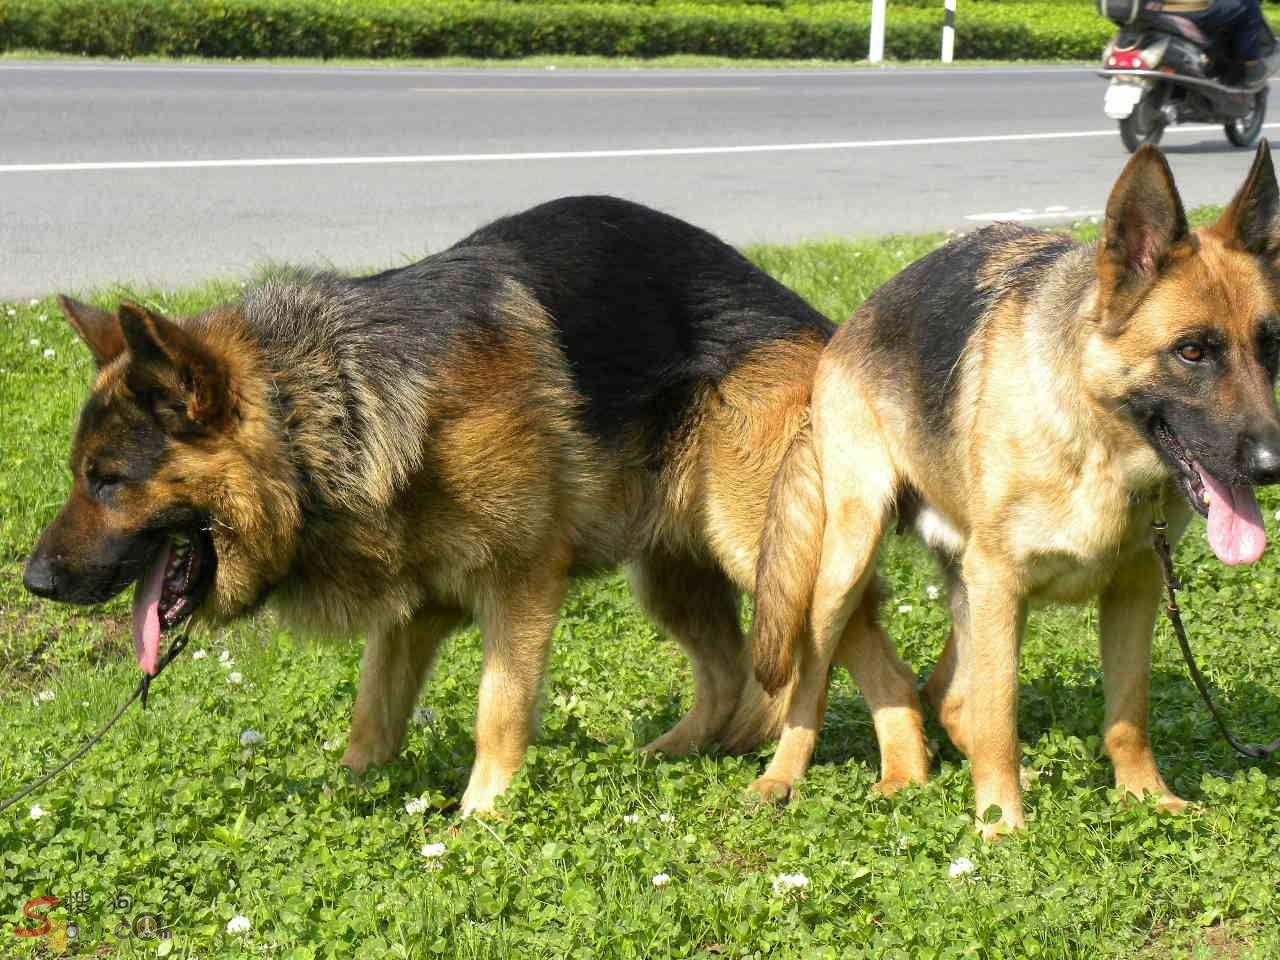 济阳县德国牧羊犬养殖场,幼犬出售纯种健康